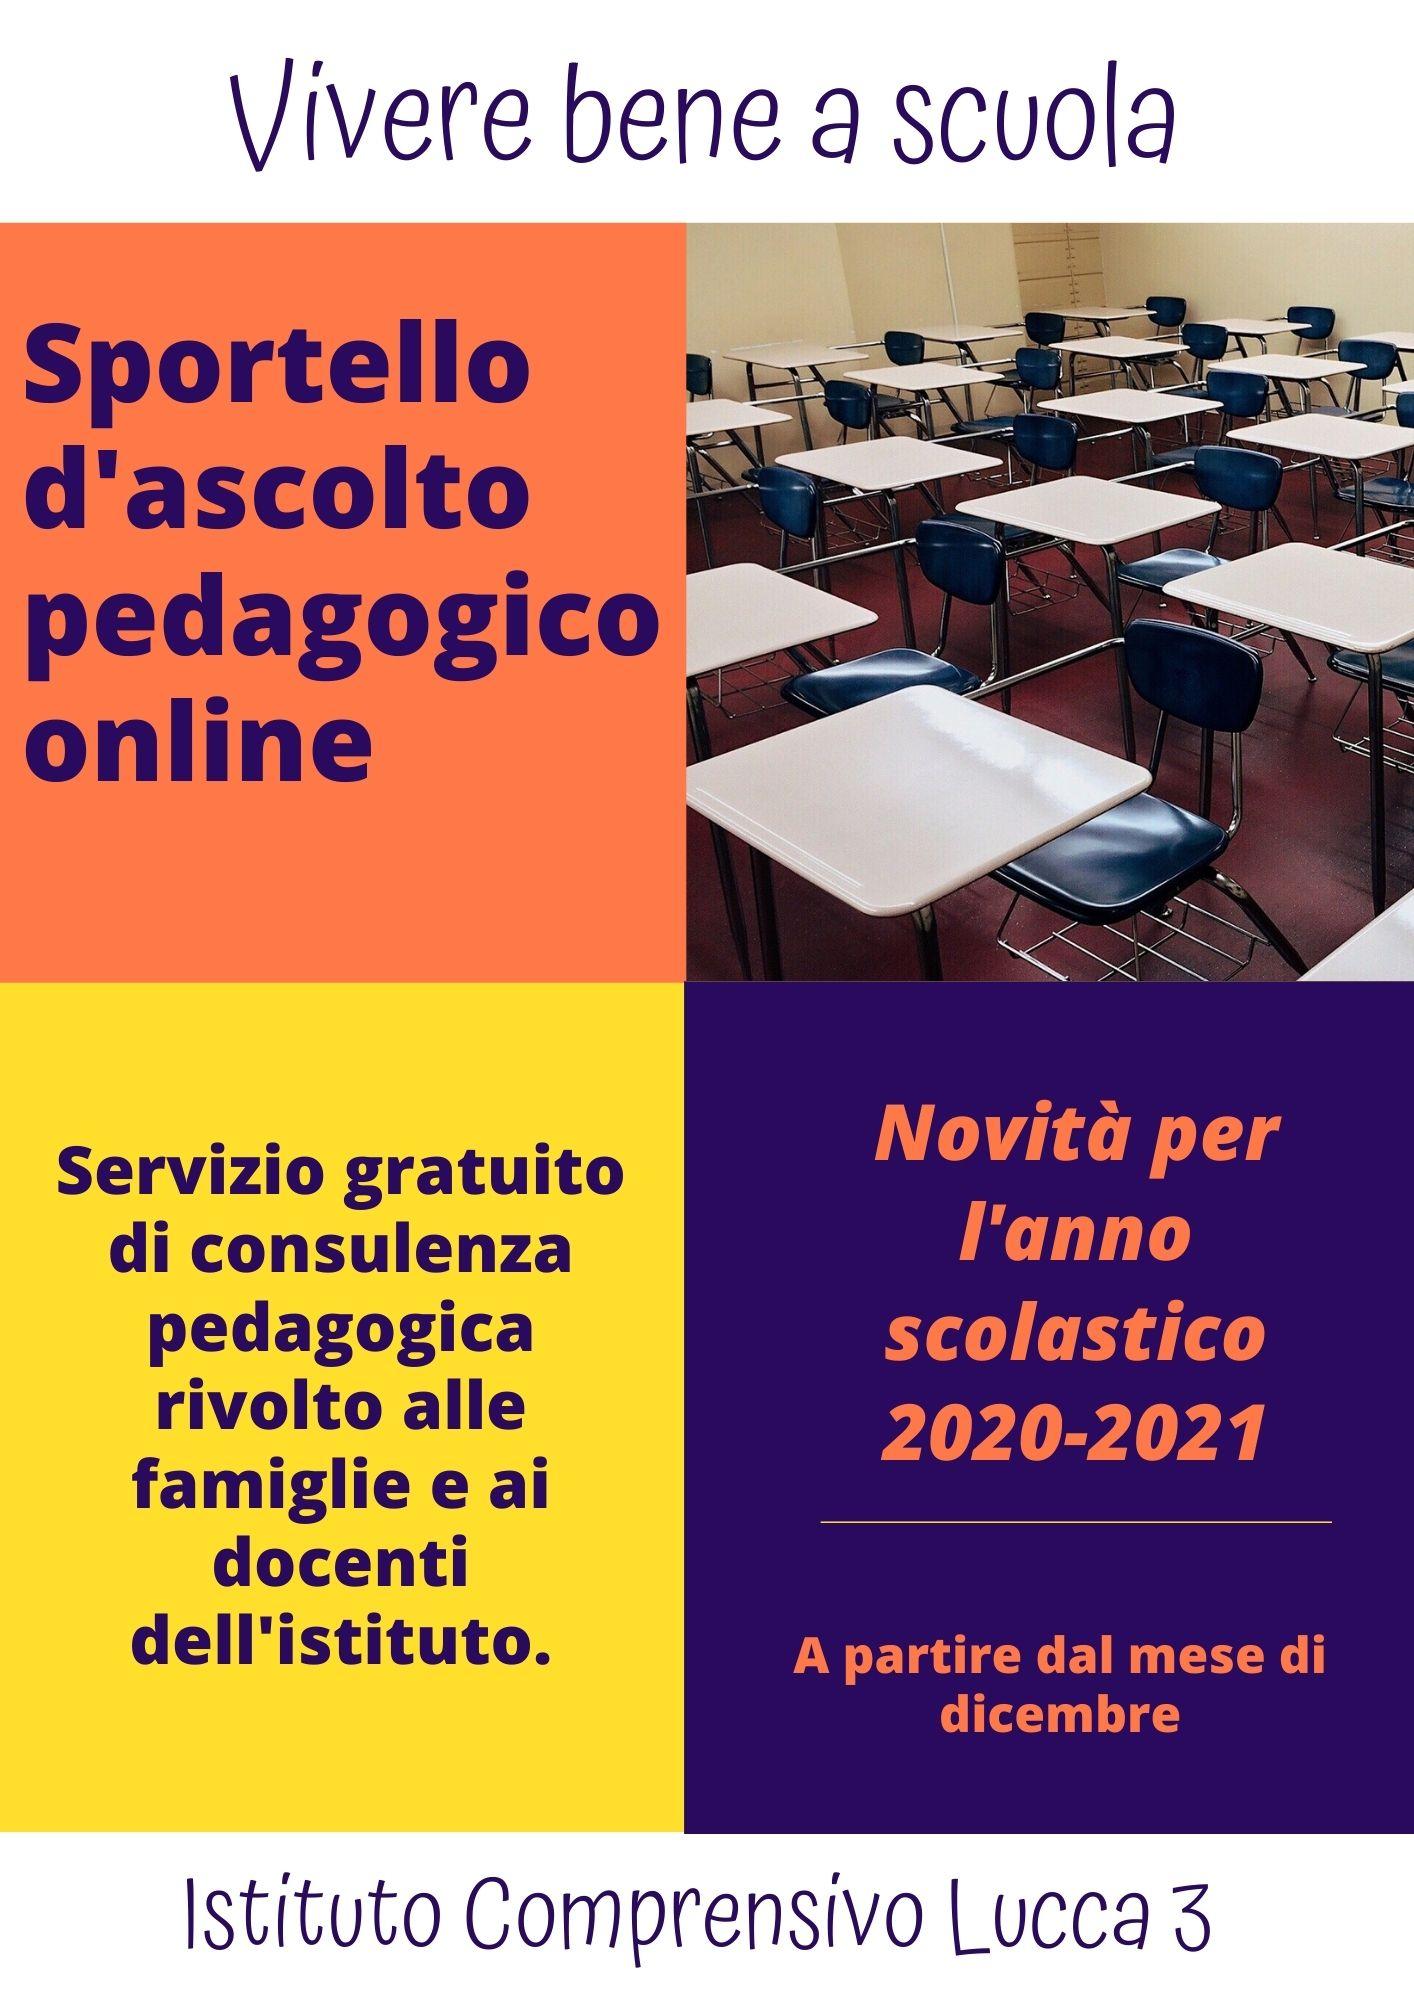 Sportello d'ascolto pedagogico on line per genitori e insegnanti